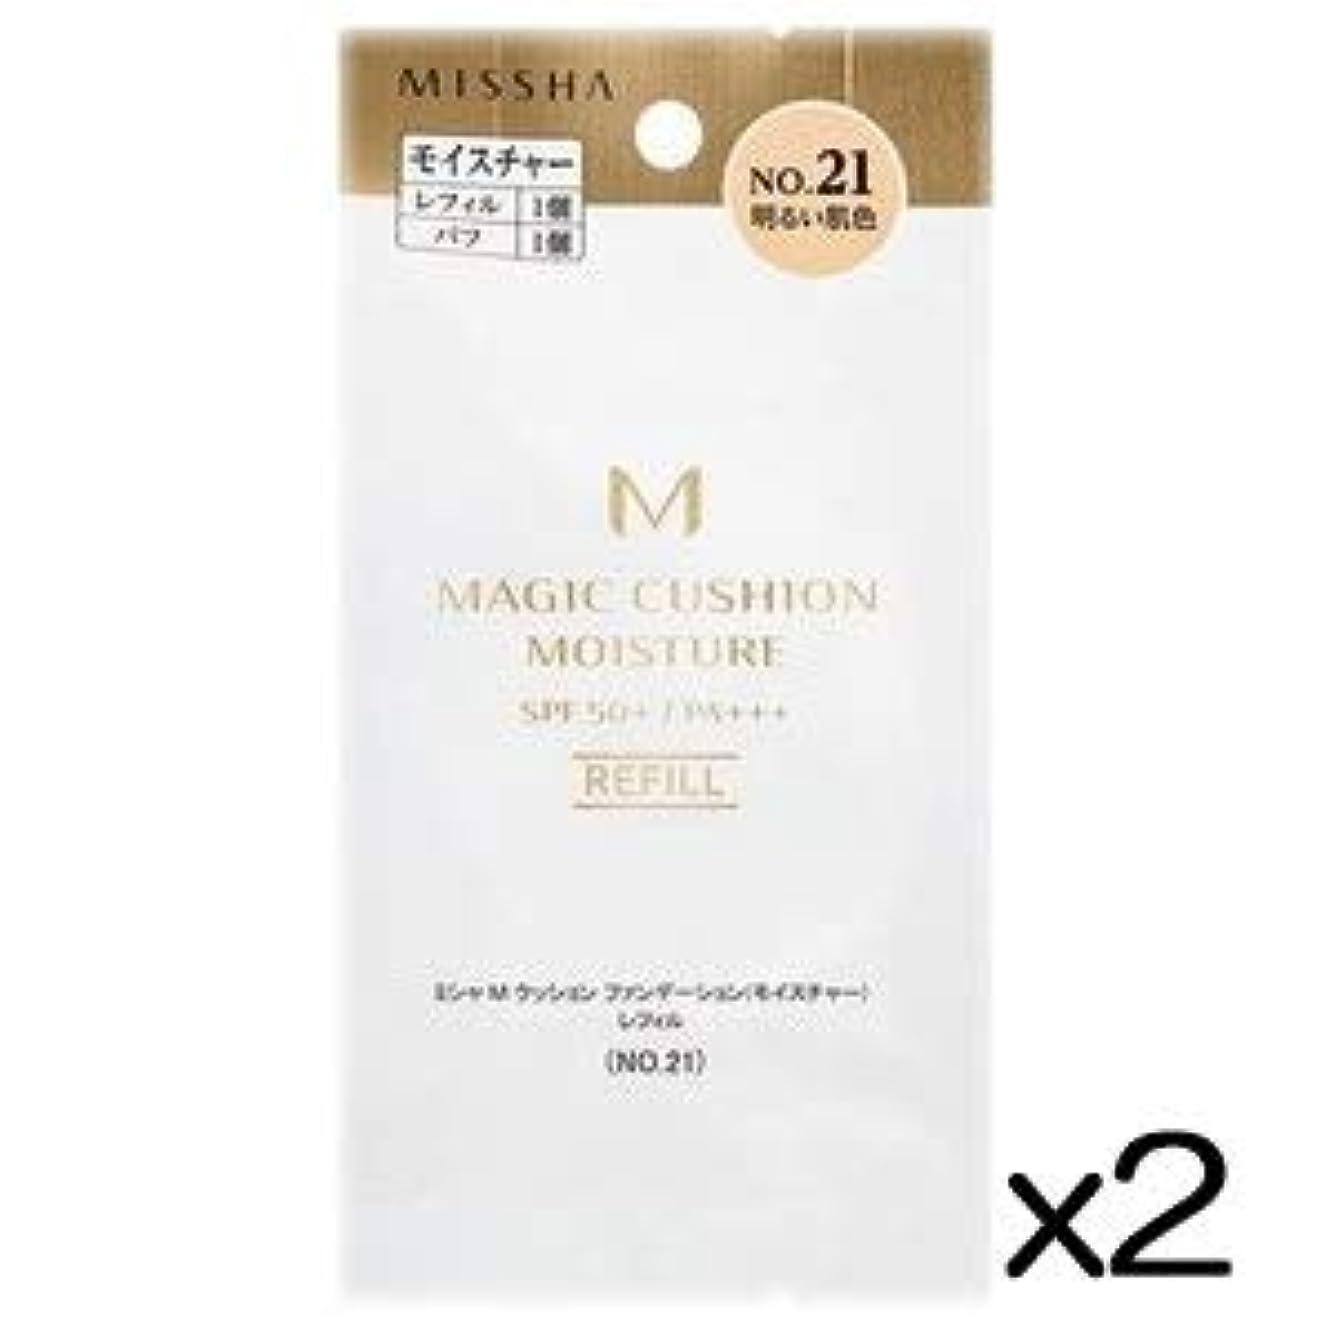 ミシャ M クッション ファンデーション (モイスチャー) No.21 明るい肌色 レフィル 15g×2個セット